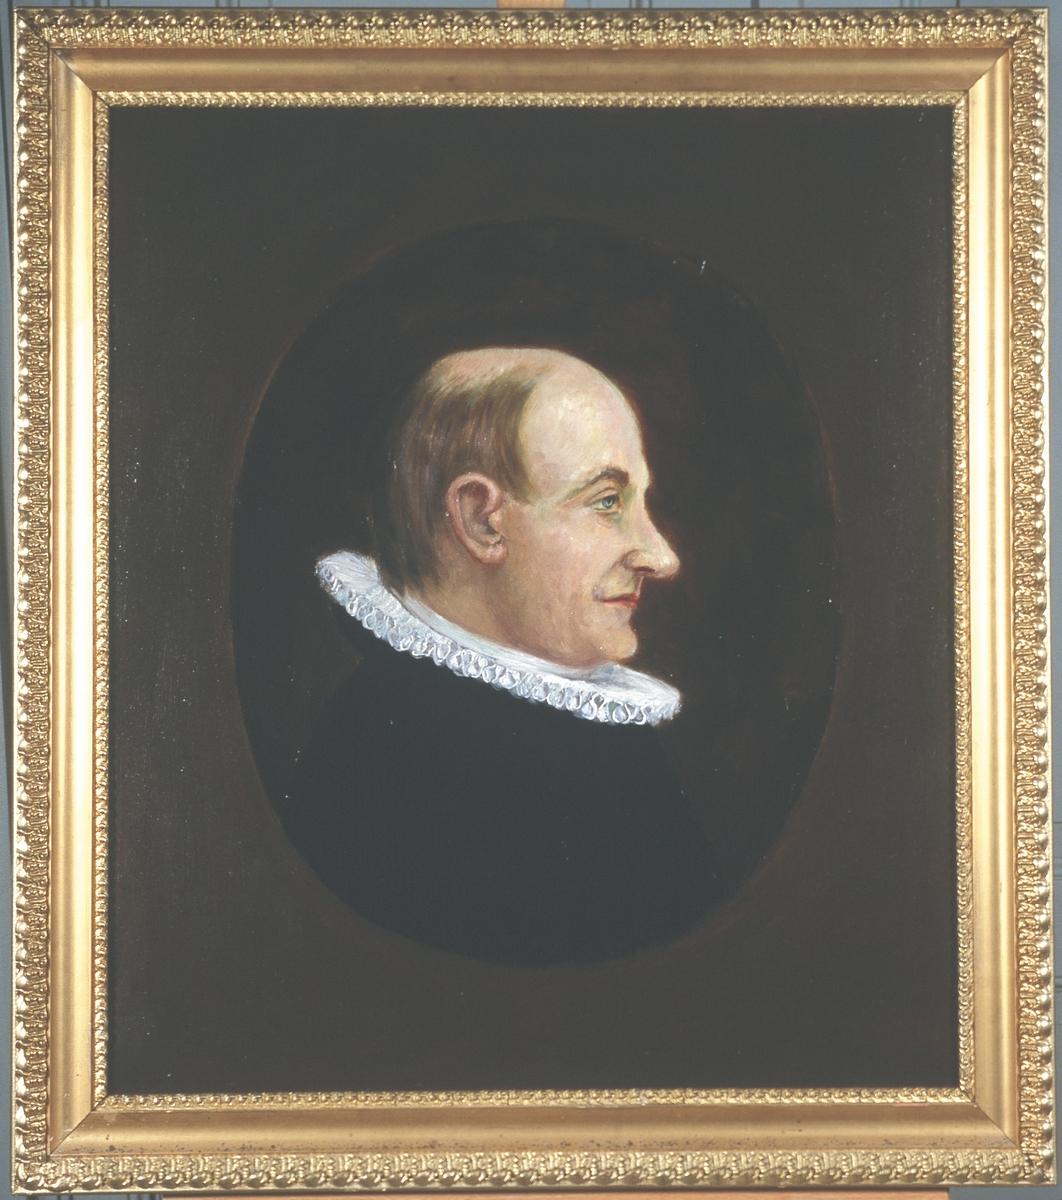 Portrett av eidsvollsmann og prest Georg B. Jersin Mann med tynt hår, høy panne, profil, lang nese, prestekledd, innskrevet i oval.